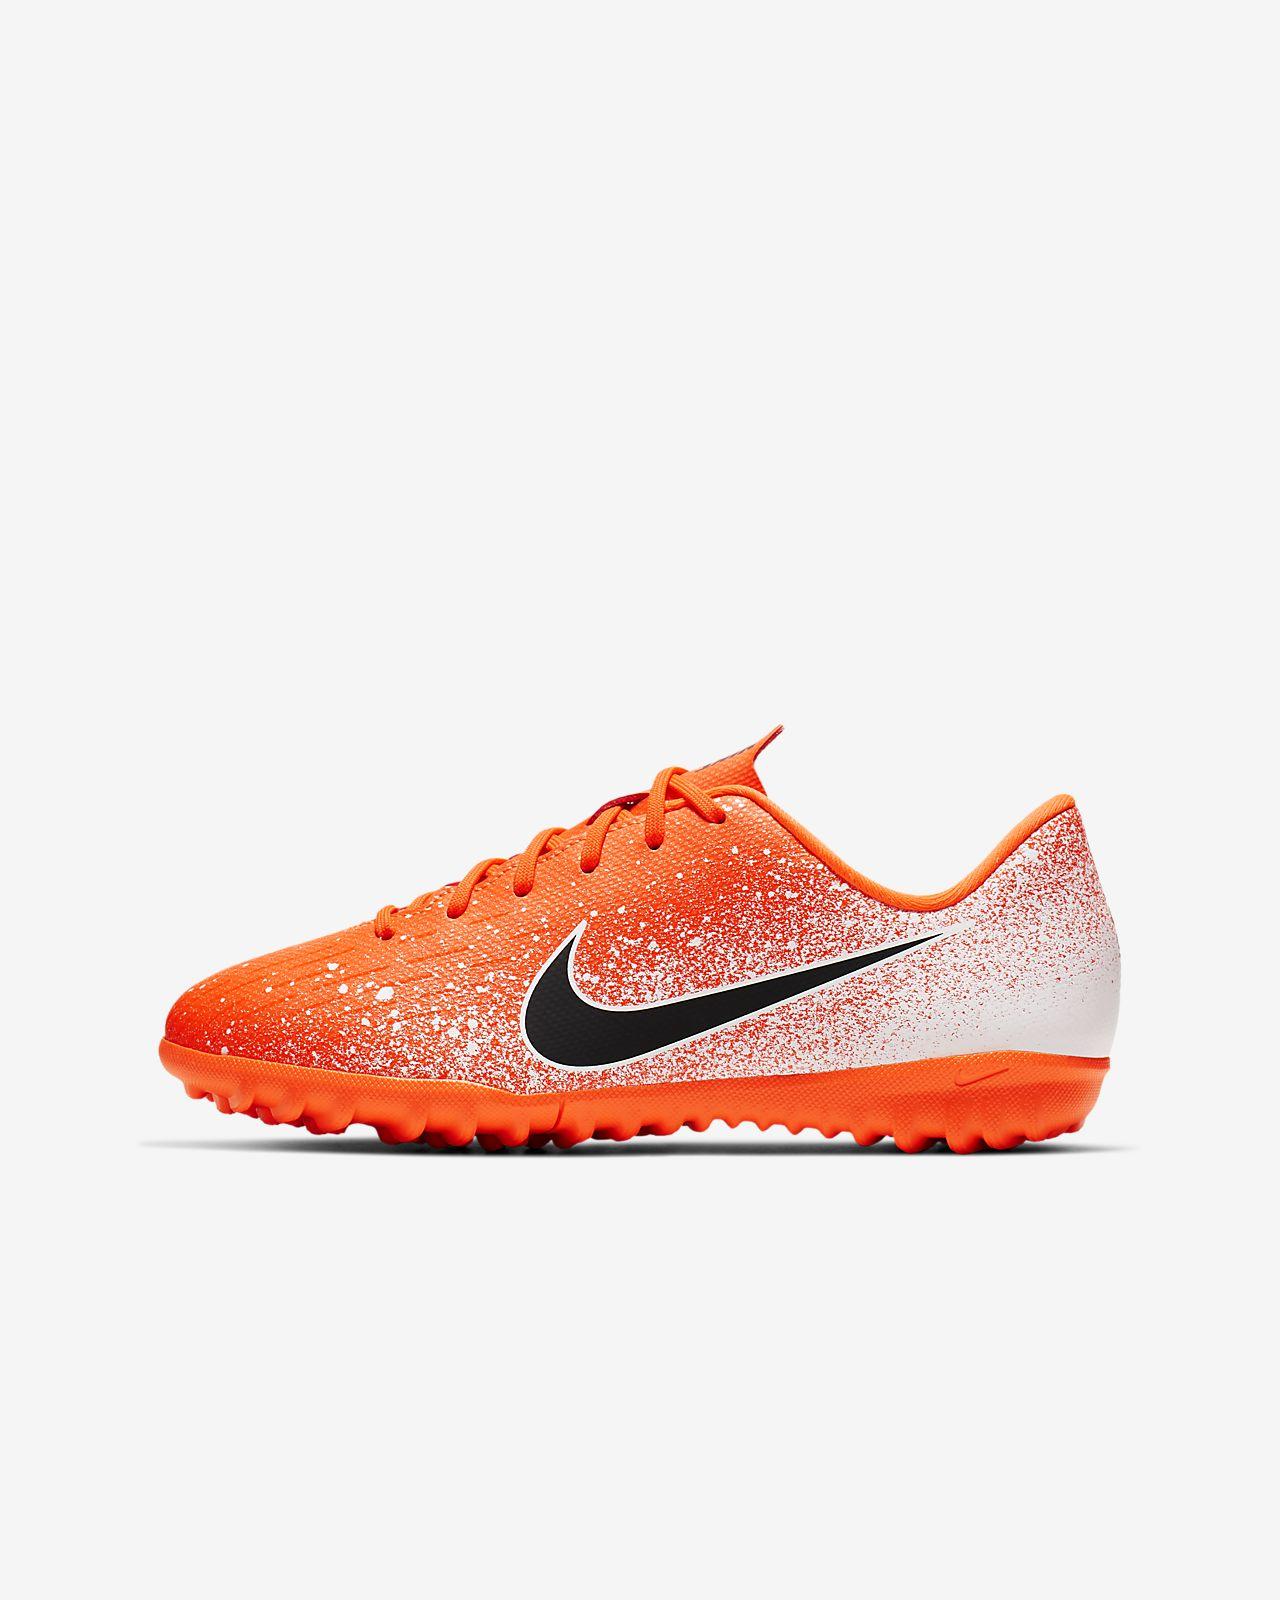 รองเท้าฟุตบอลเด็กเล็ก/โตสำหรับพื้นสนามหญ้าเทียม Nike Jr. Vapor 12 Academy TF